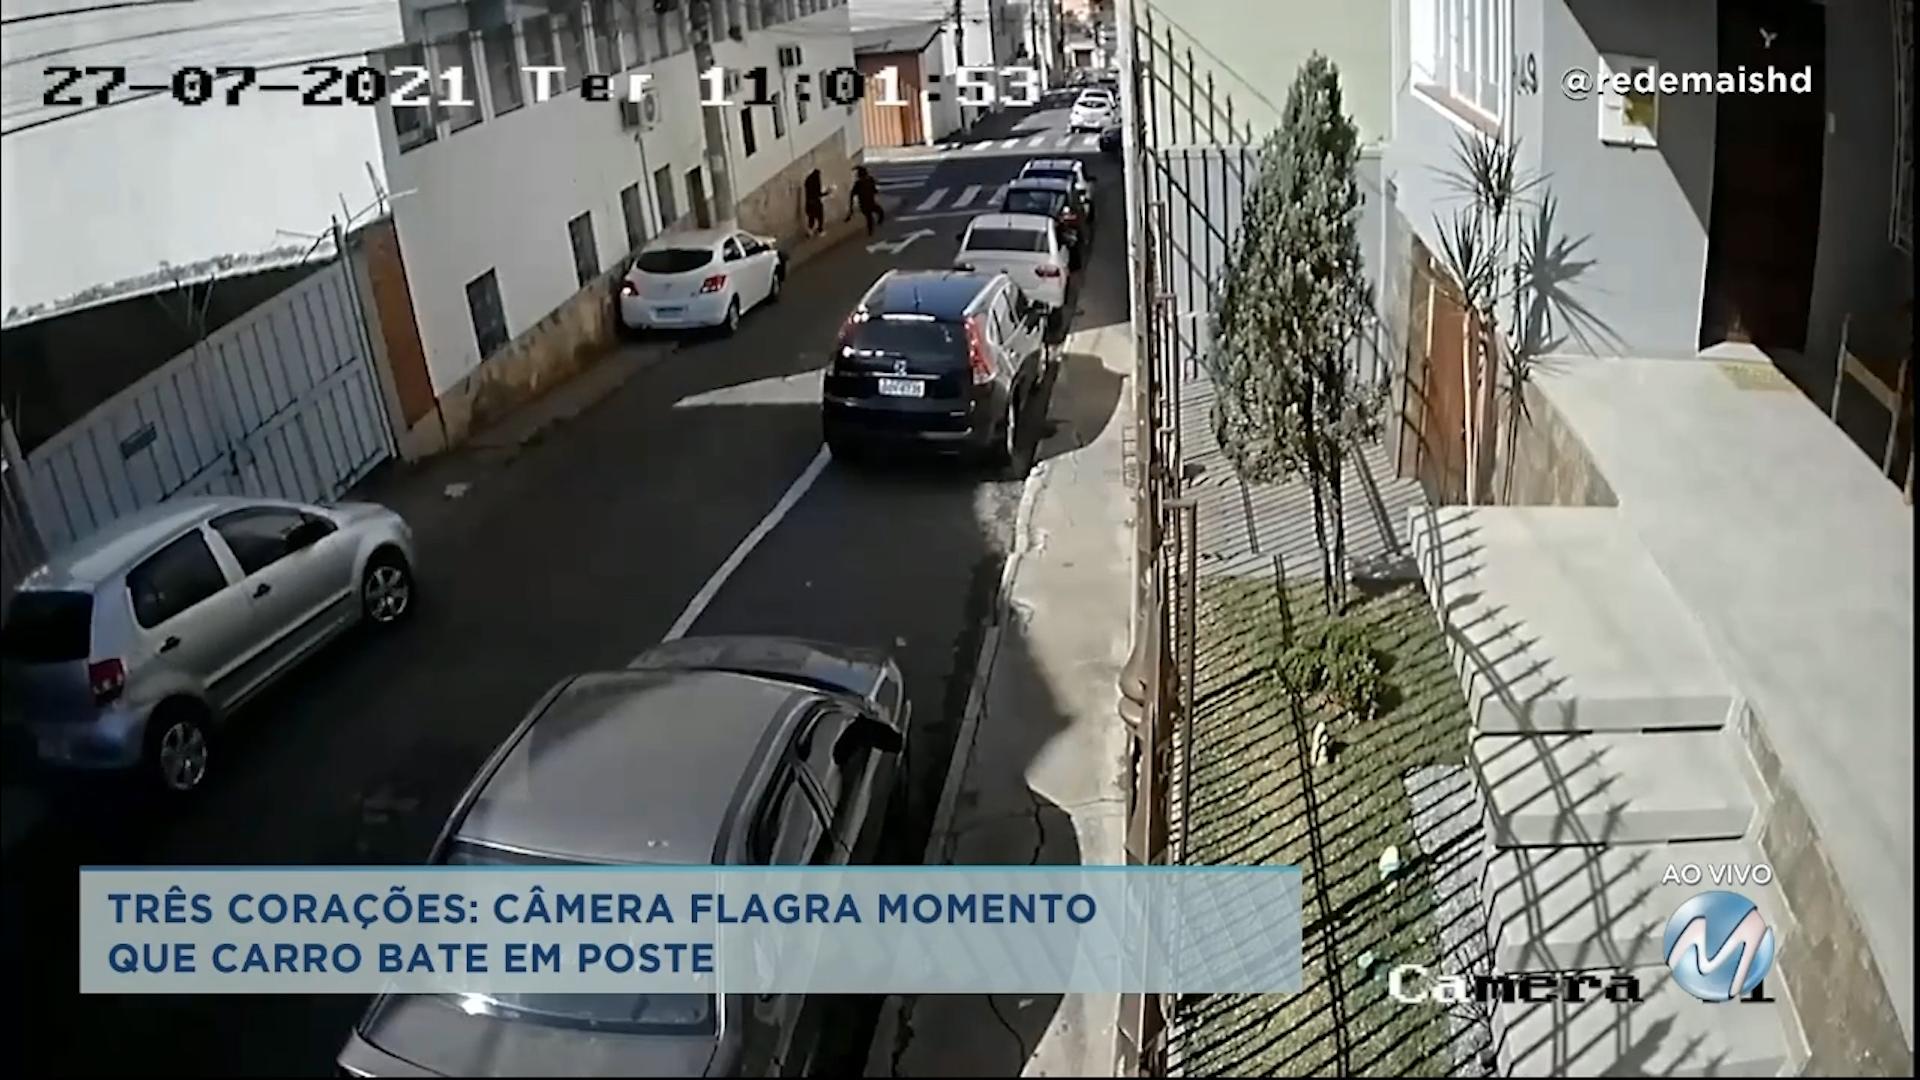 Câmera flagra momento em que carro bate em poste